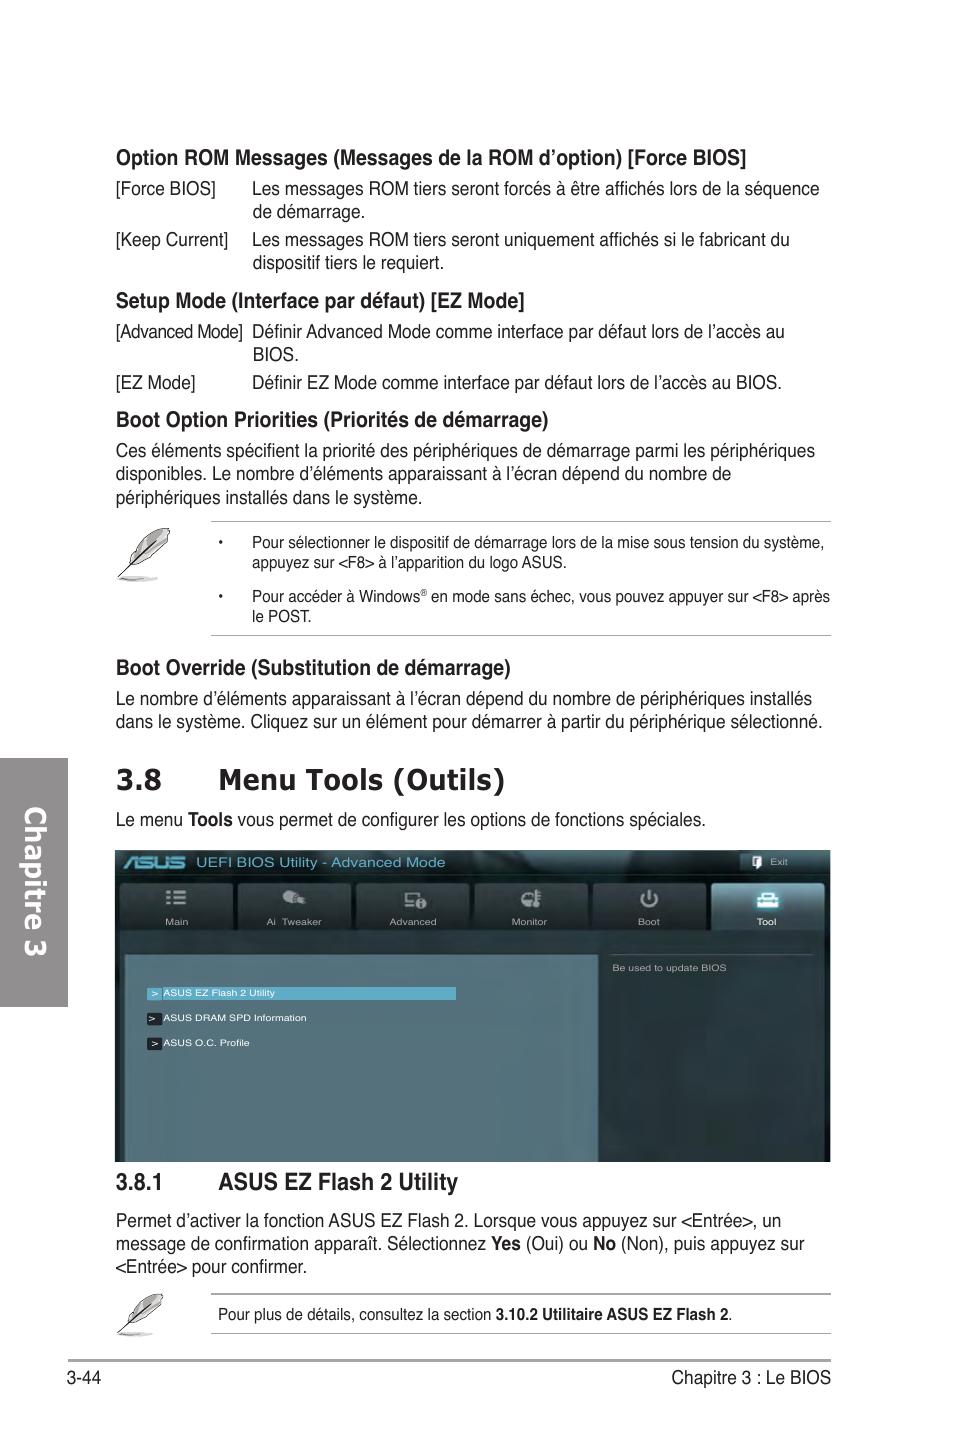 8 menu tools (outils), 1 asus ez flash 2 utility, Menu tools